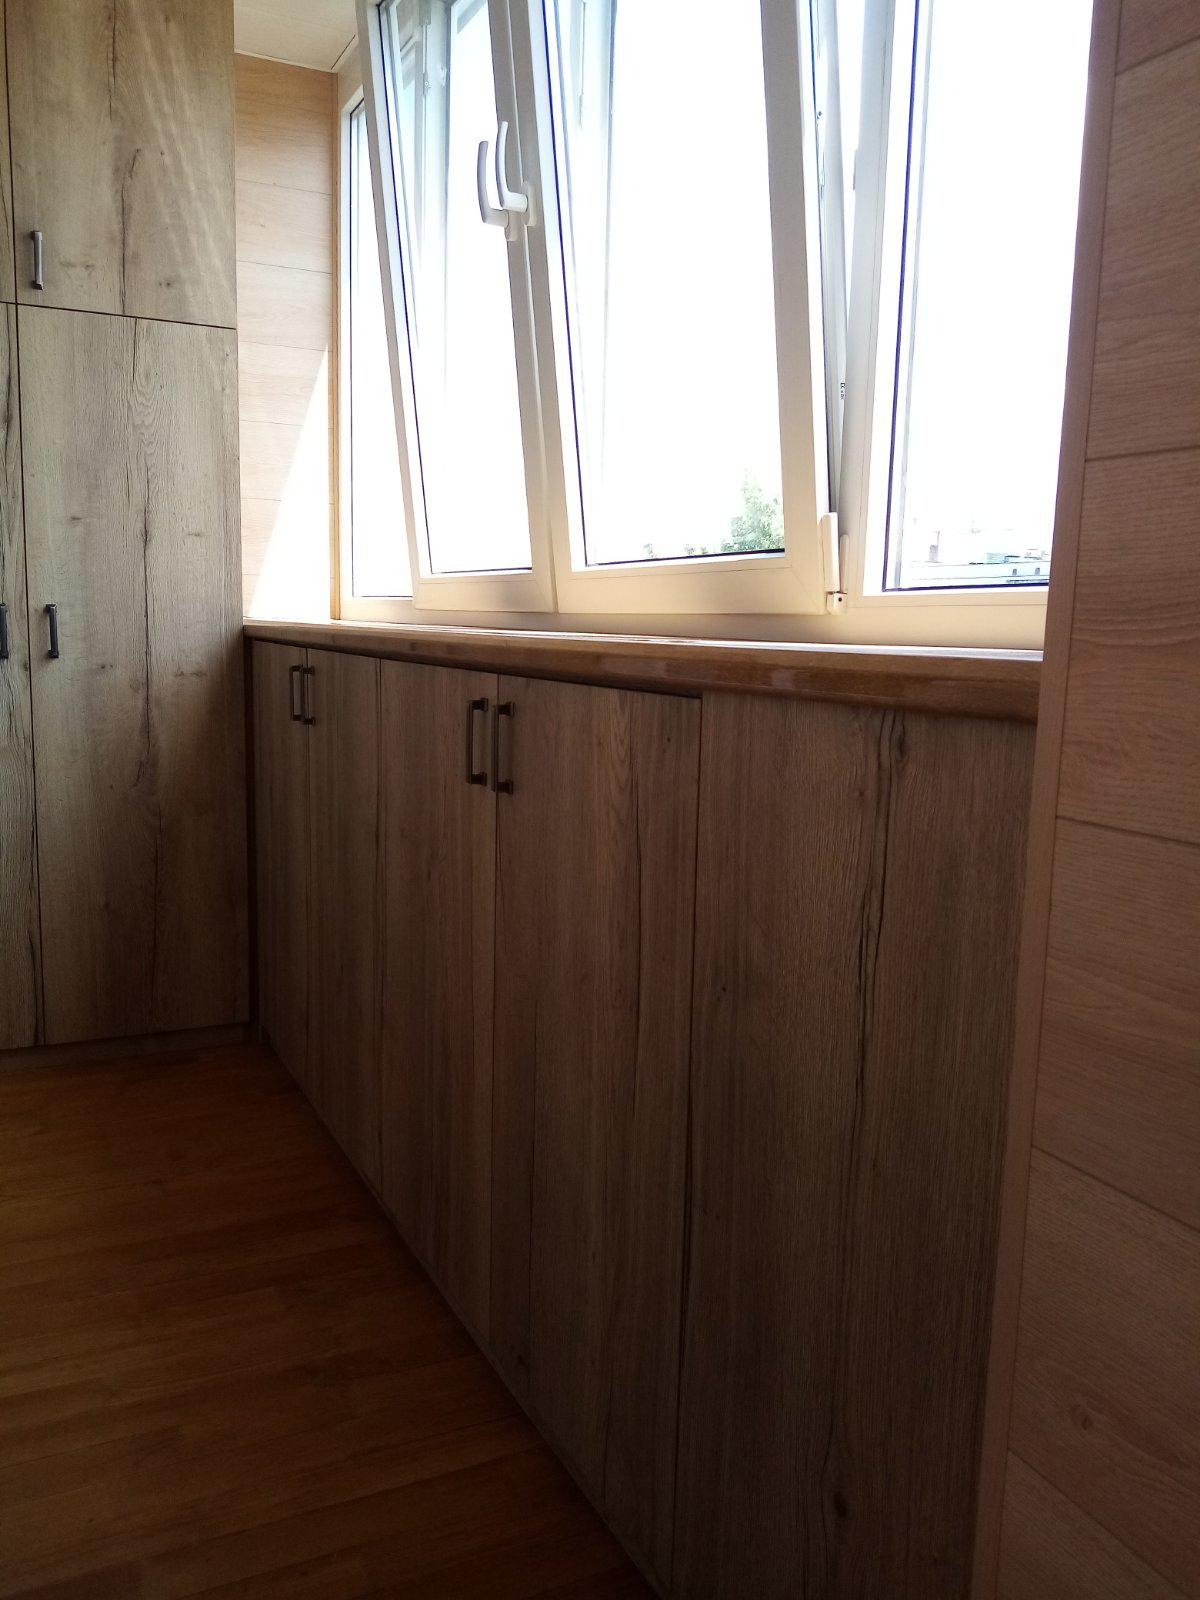 Комплект мебели на балкон (шкафы+тумбы)